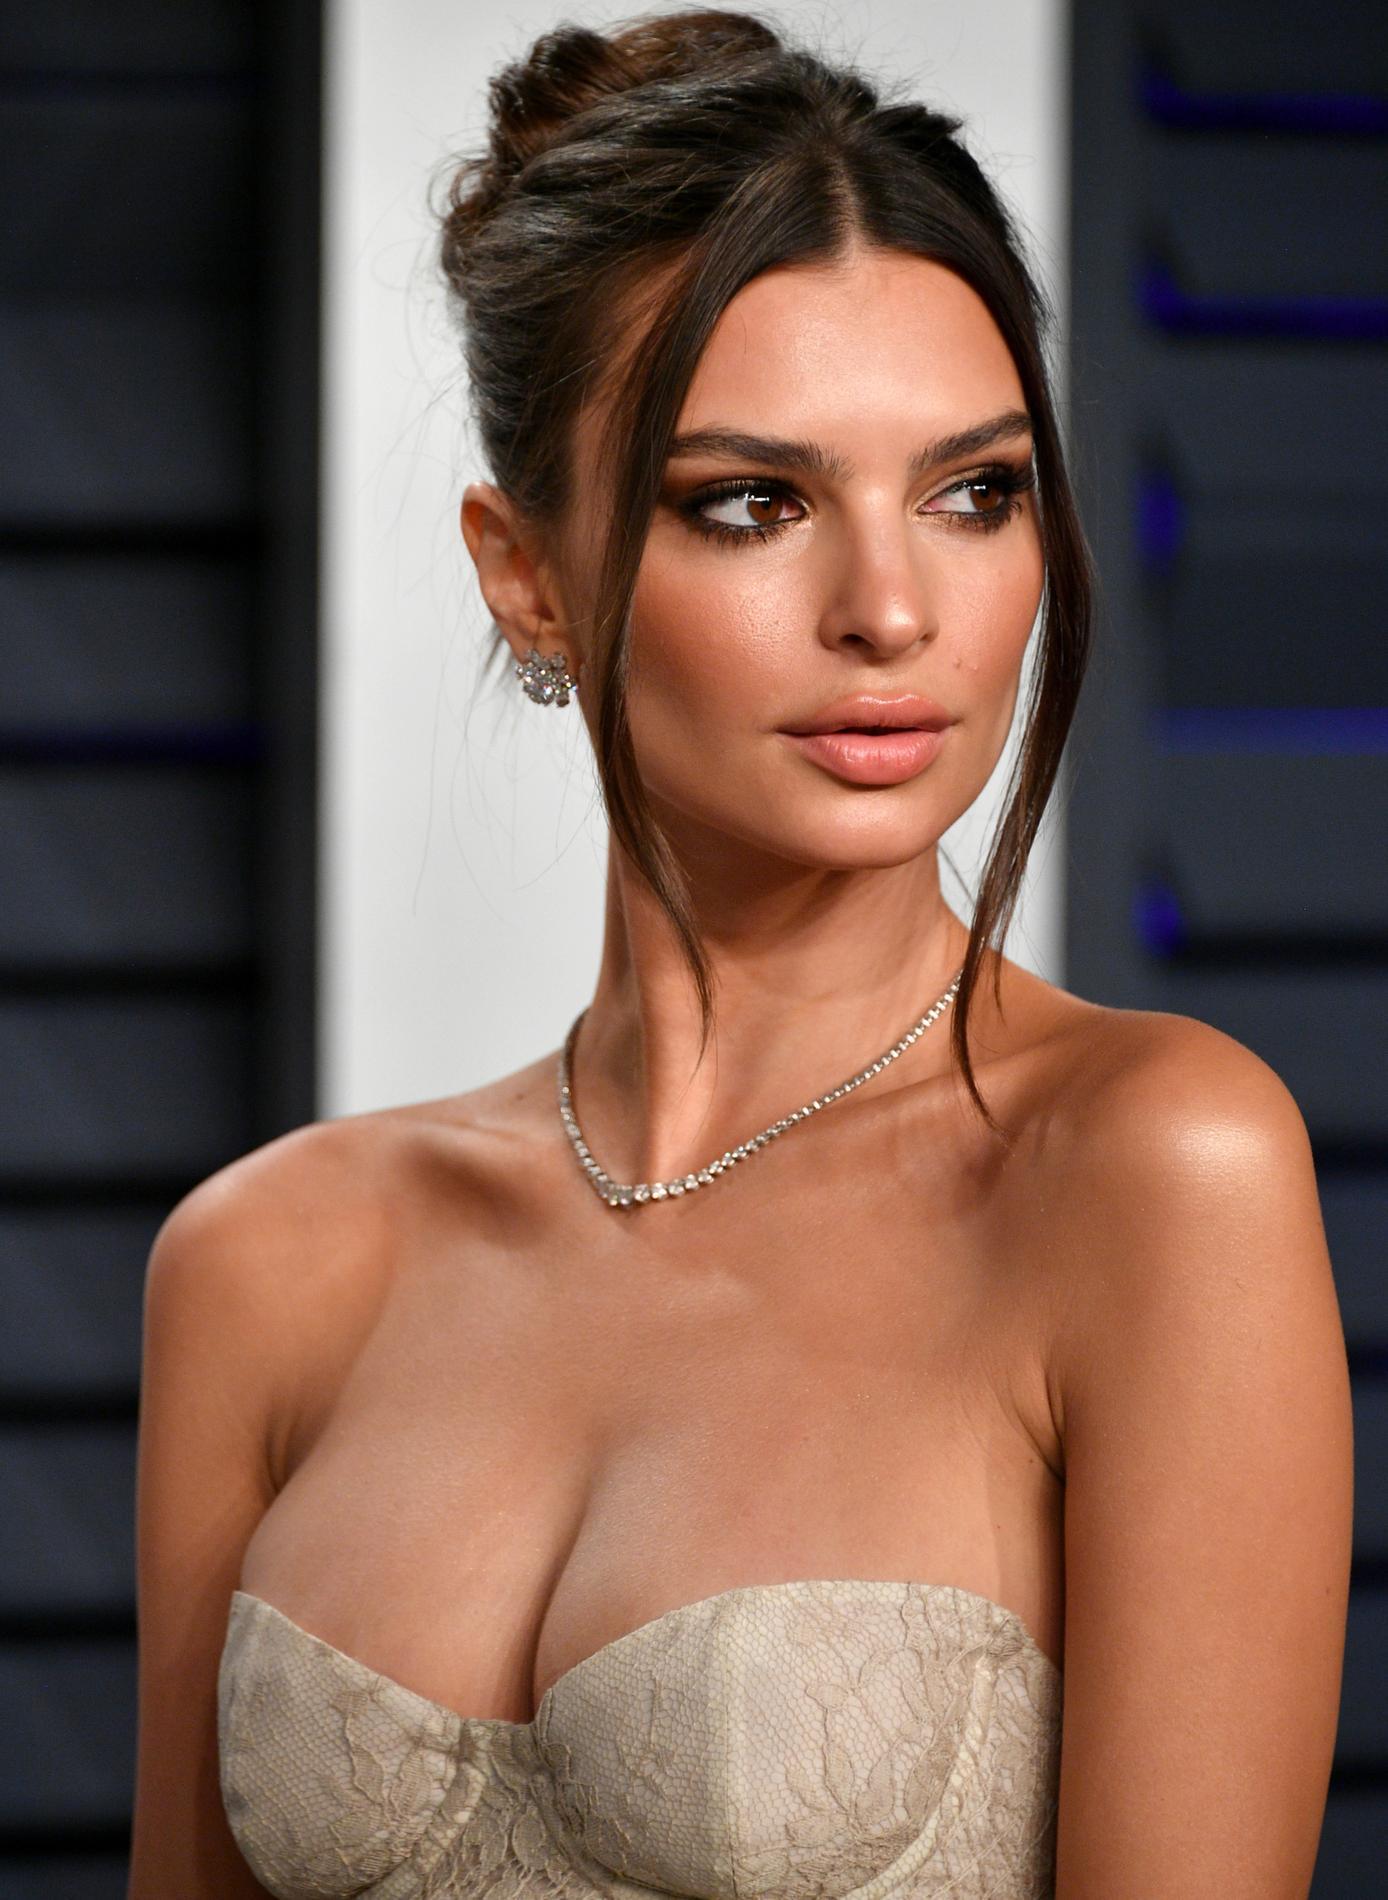 8e17baeba2 Les plus belles tenues des stars à l'after party des Oscars - Madame ...